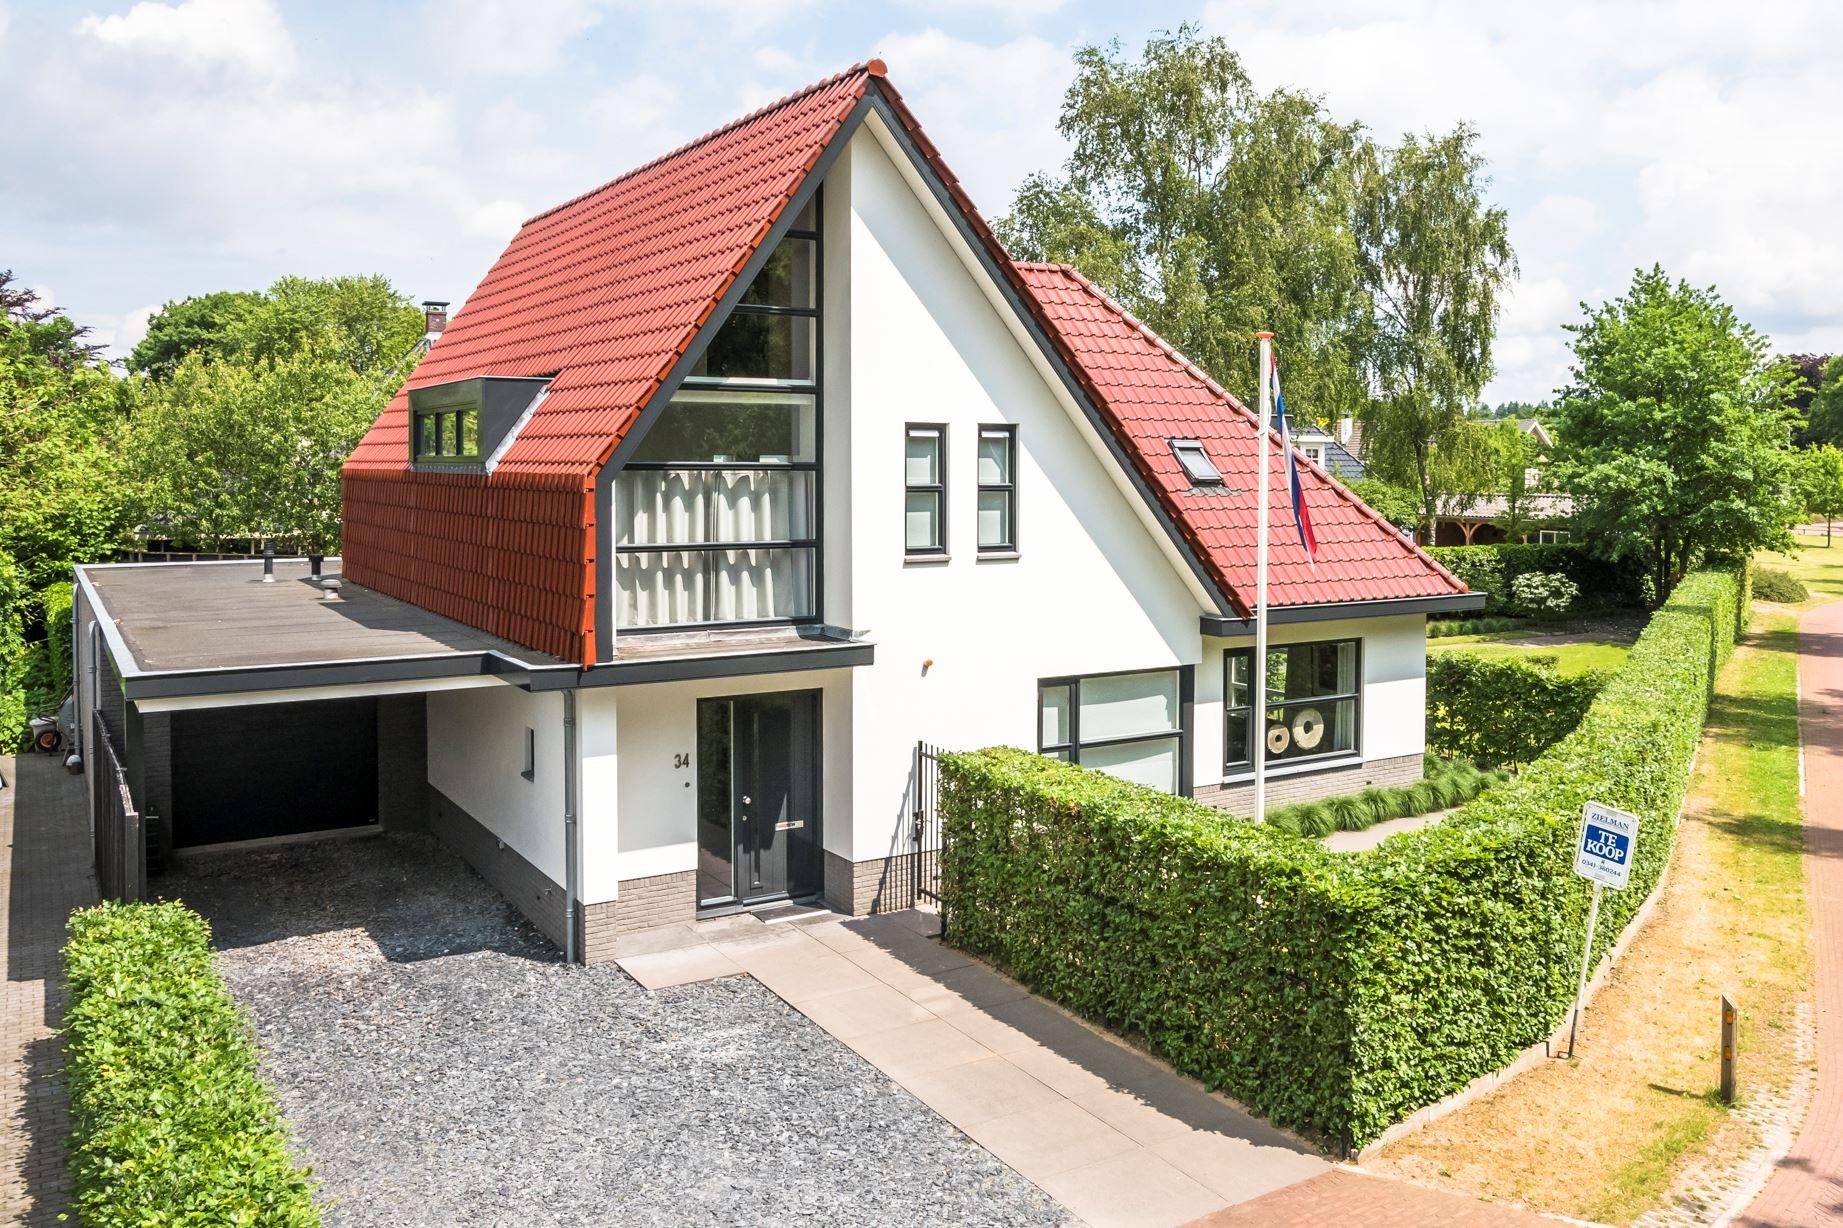 Huis te koop sprielderhout 34 3881 pt putten funda - Fotos eigentijdse huizen ...